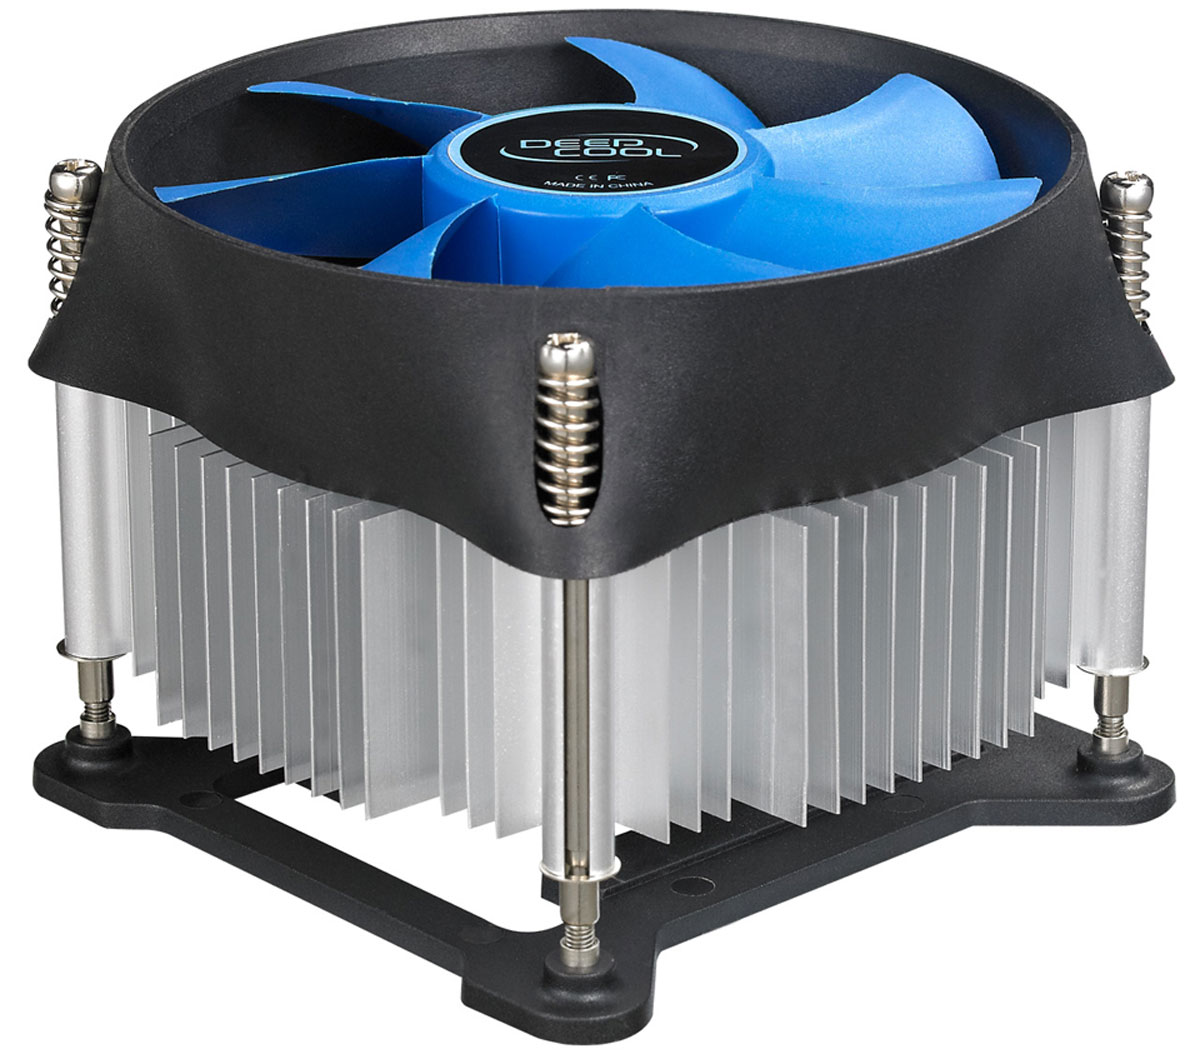 Deepcool THETA 20 кулер компьютерныйTHETA 20Кулер Deepcool THETA 20 оснащен алюминиевым радиатором с медным основанием, который является эффективным охлаждением для процессоров. Вентилятор, который имеет повернутую конструкцию, представляет собой хорошо сбалансированный прибор с позиции потока производимого воздуха и издаваемого шума. Анодированные титано-алюминиевые теплоотводы рационально рассеивают тепло. Установка винтов и задней панели обеспечивает безопасный монтаж.Как собрать игровой компьютер. Статья OZON Гид